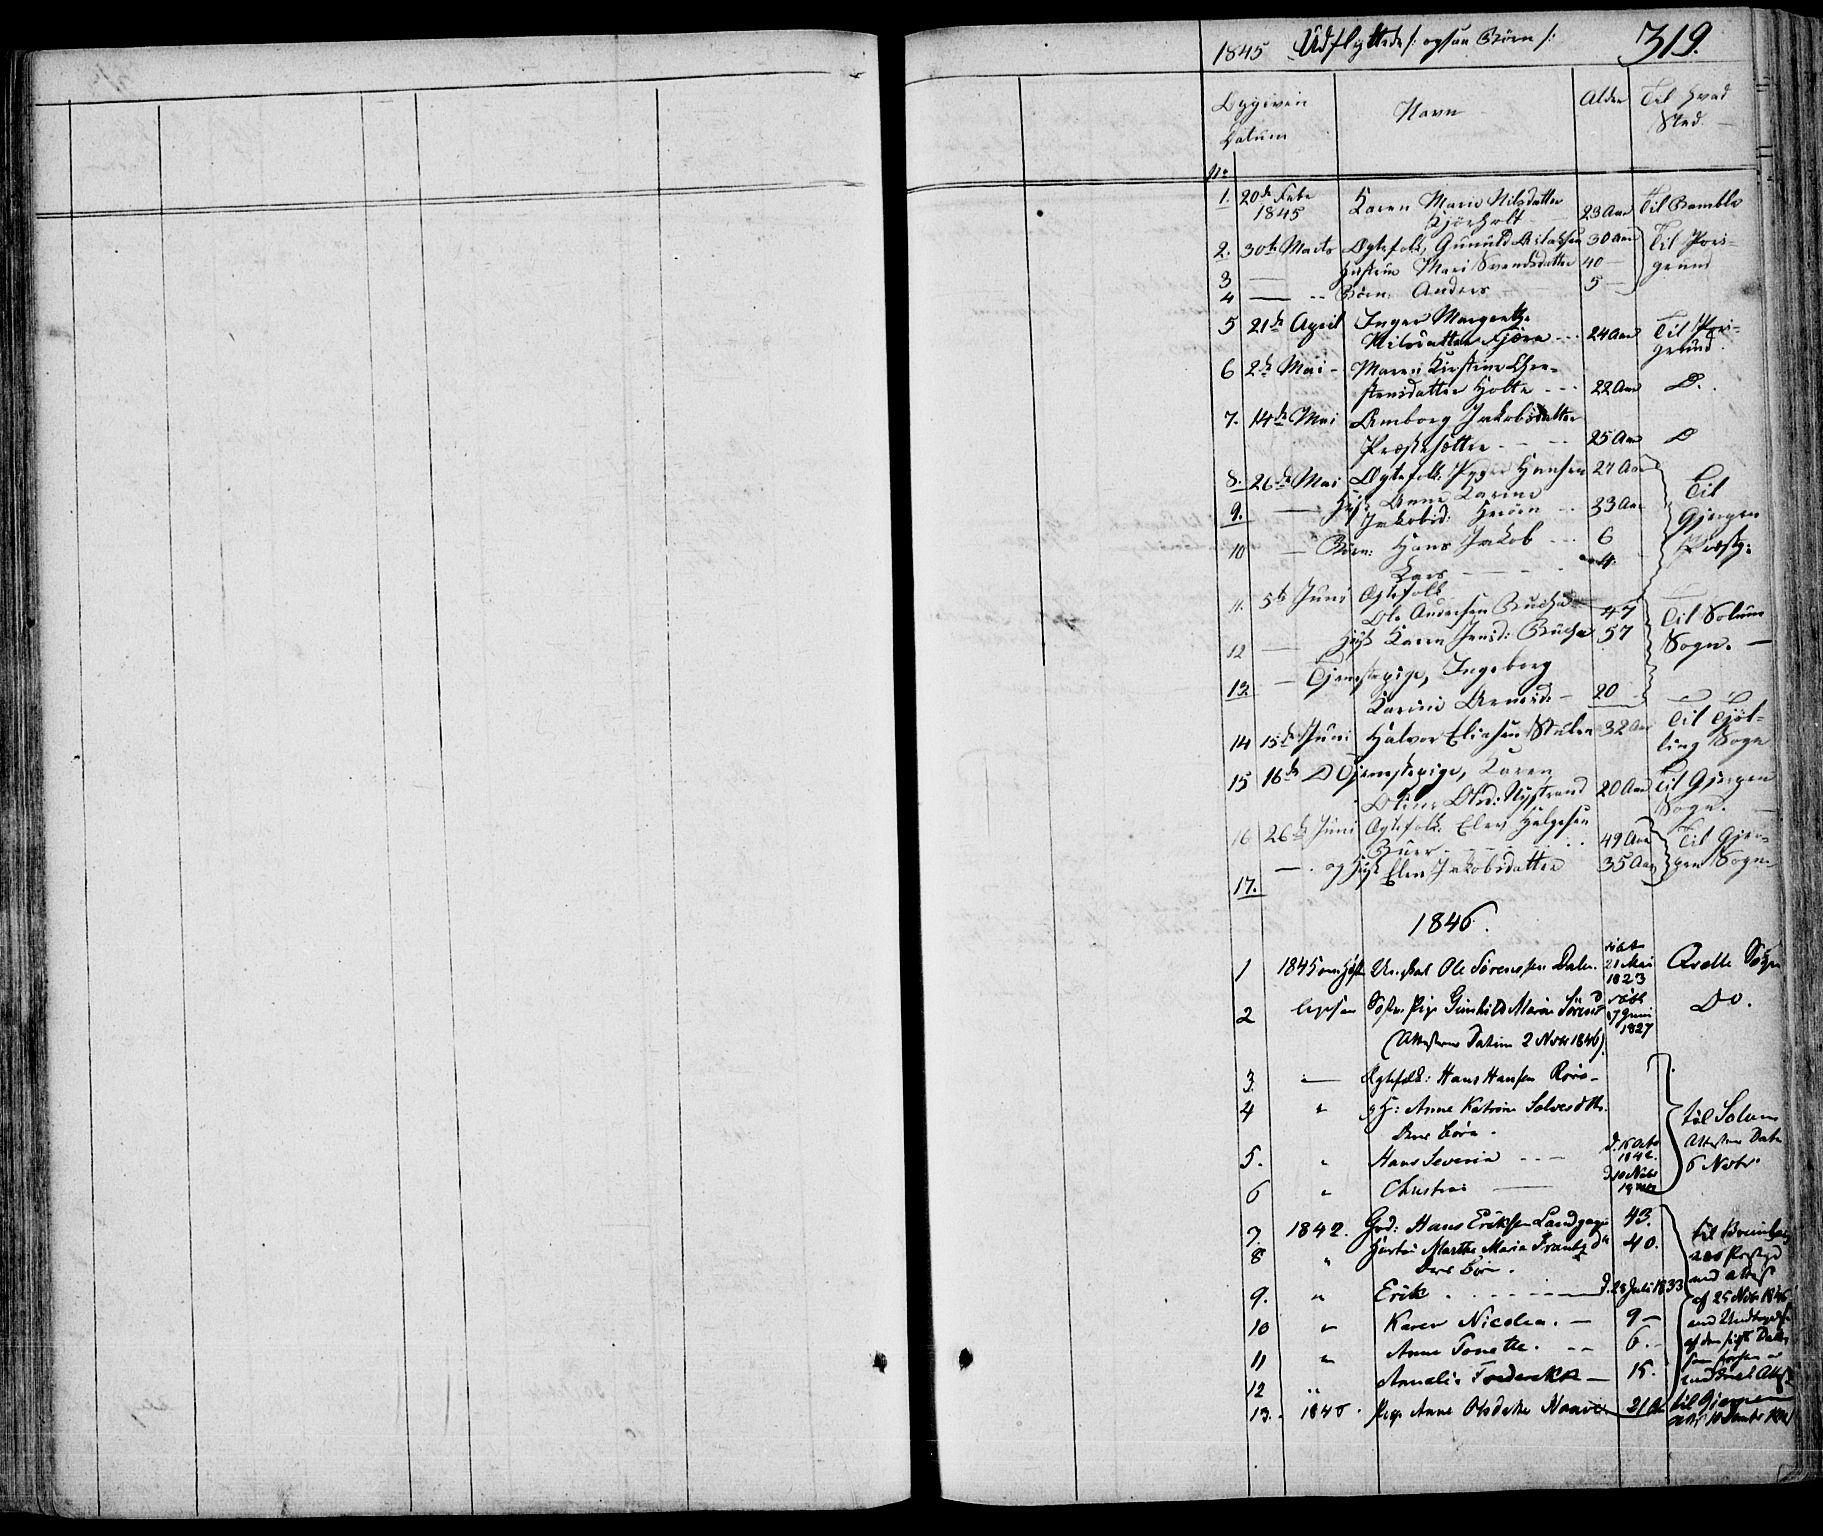 SAKO, Eidanger kirkebøker, F/Fa/L0008: Ministerialbok nr. 8, 1831-1858, s. 319